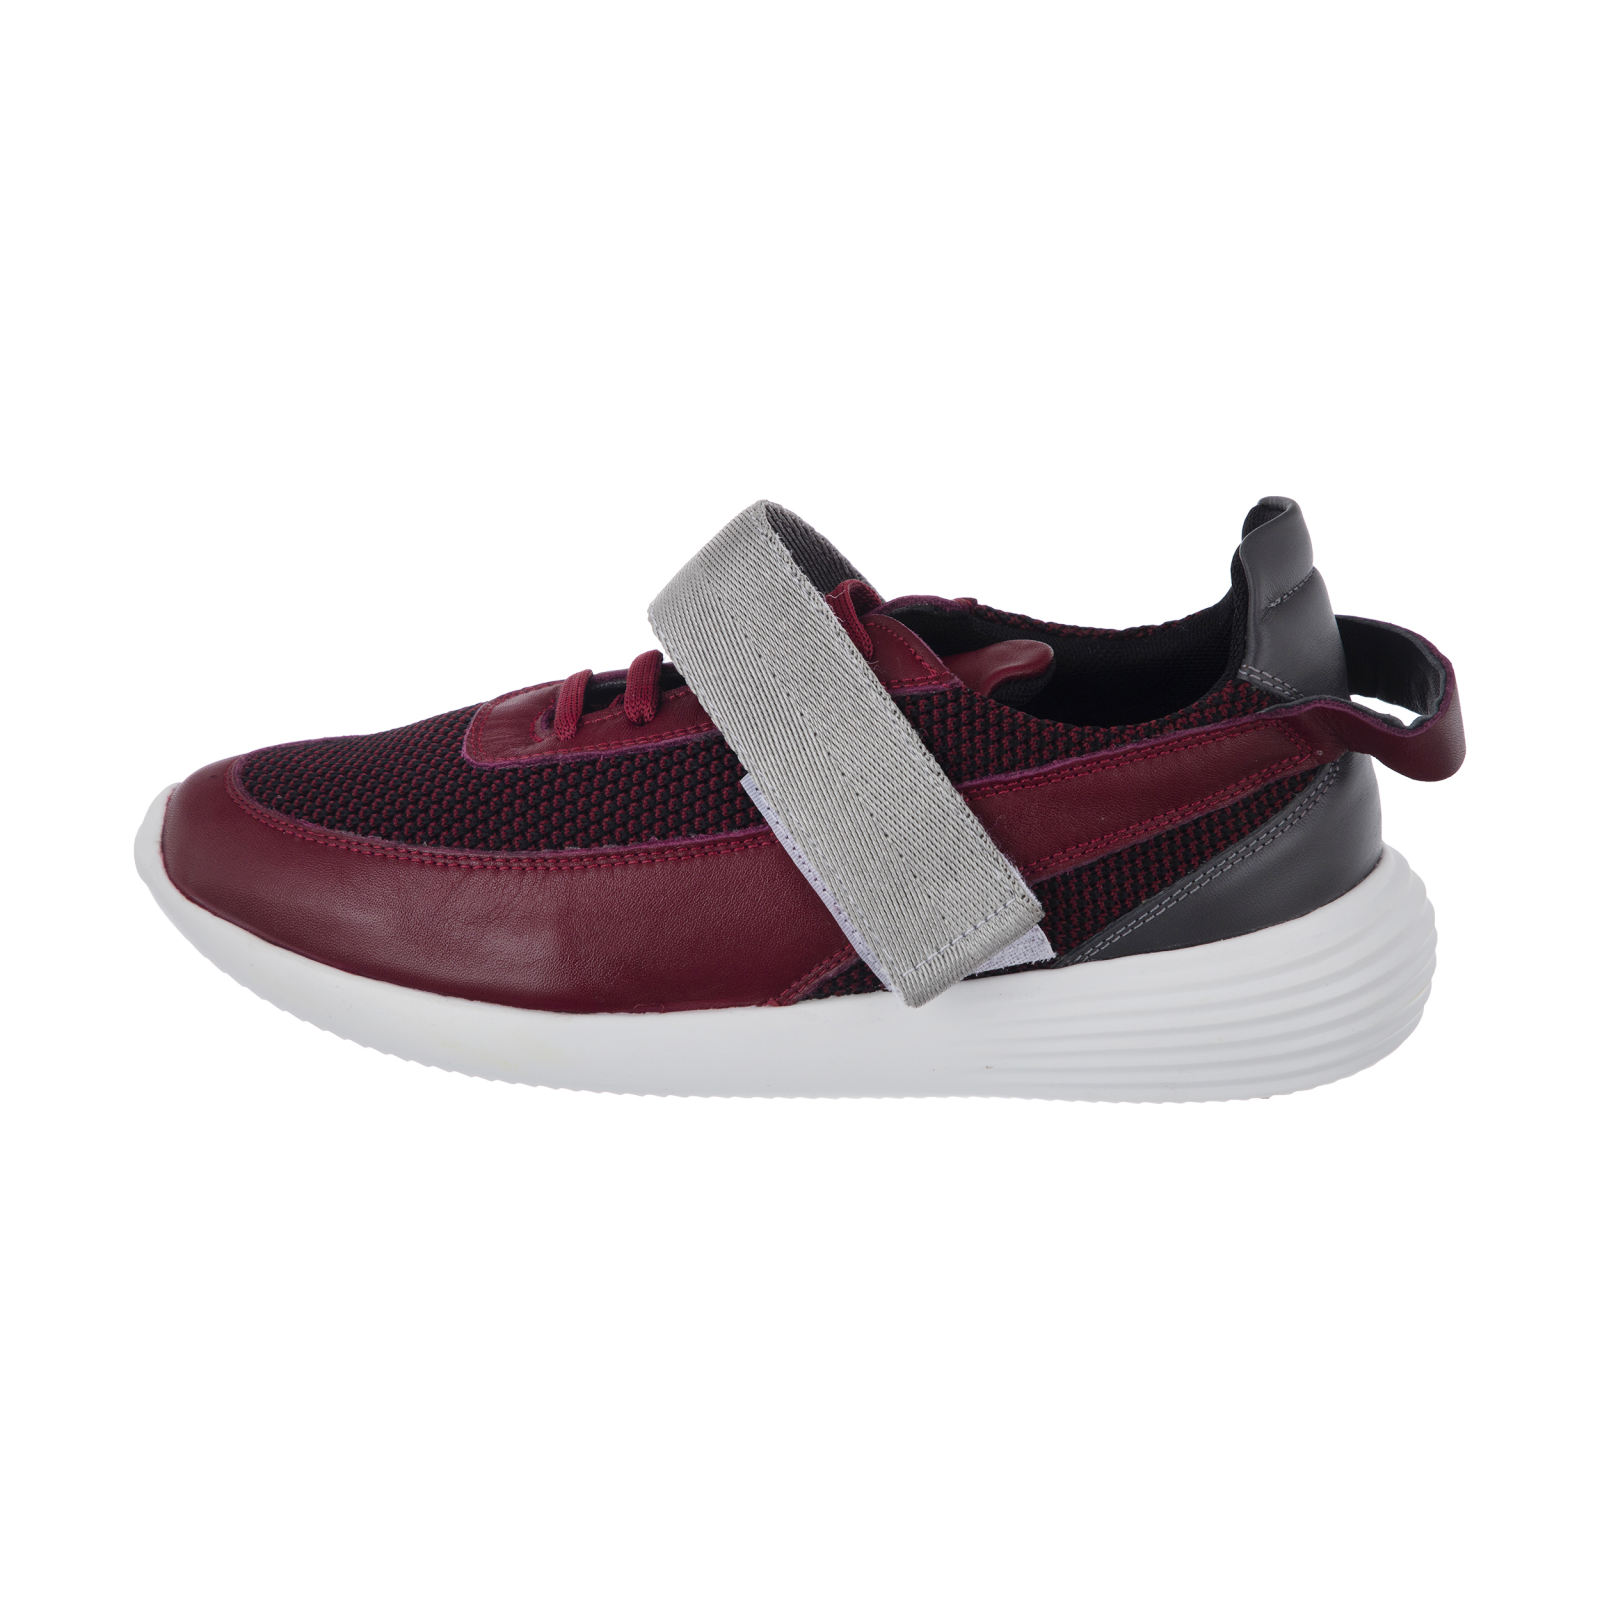 کفش روزمره زنانه آرتمن مدل Fando-41453 -  - 2